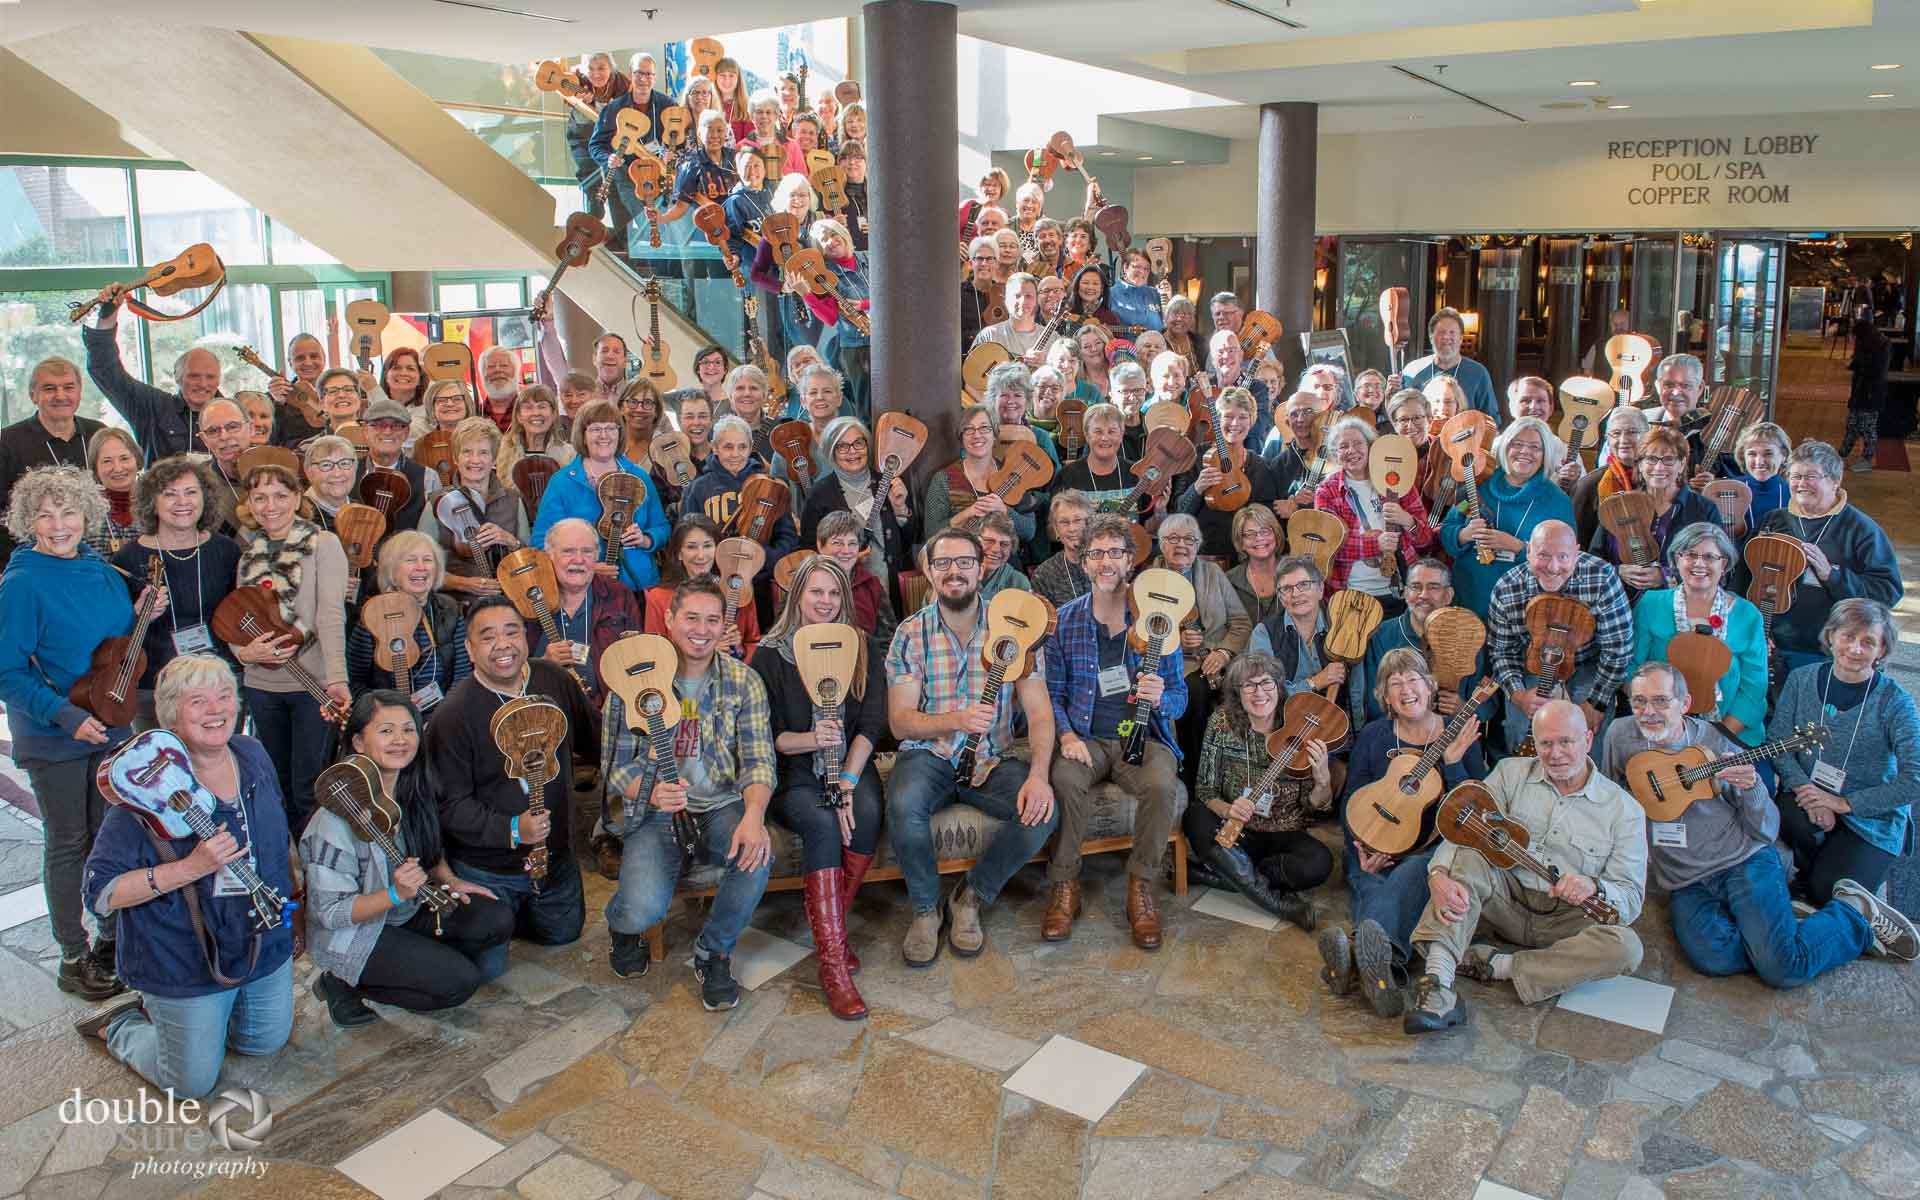 large group of ukulele players